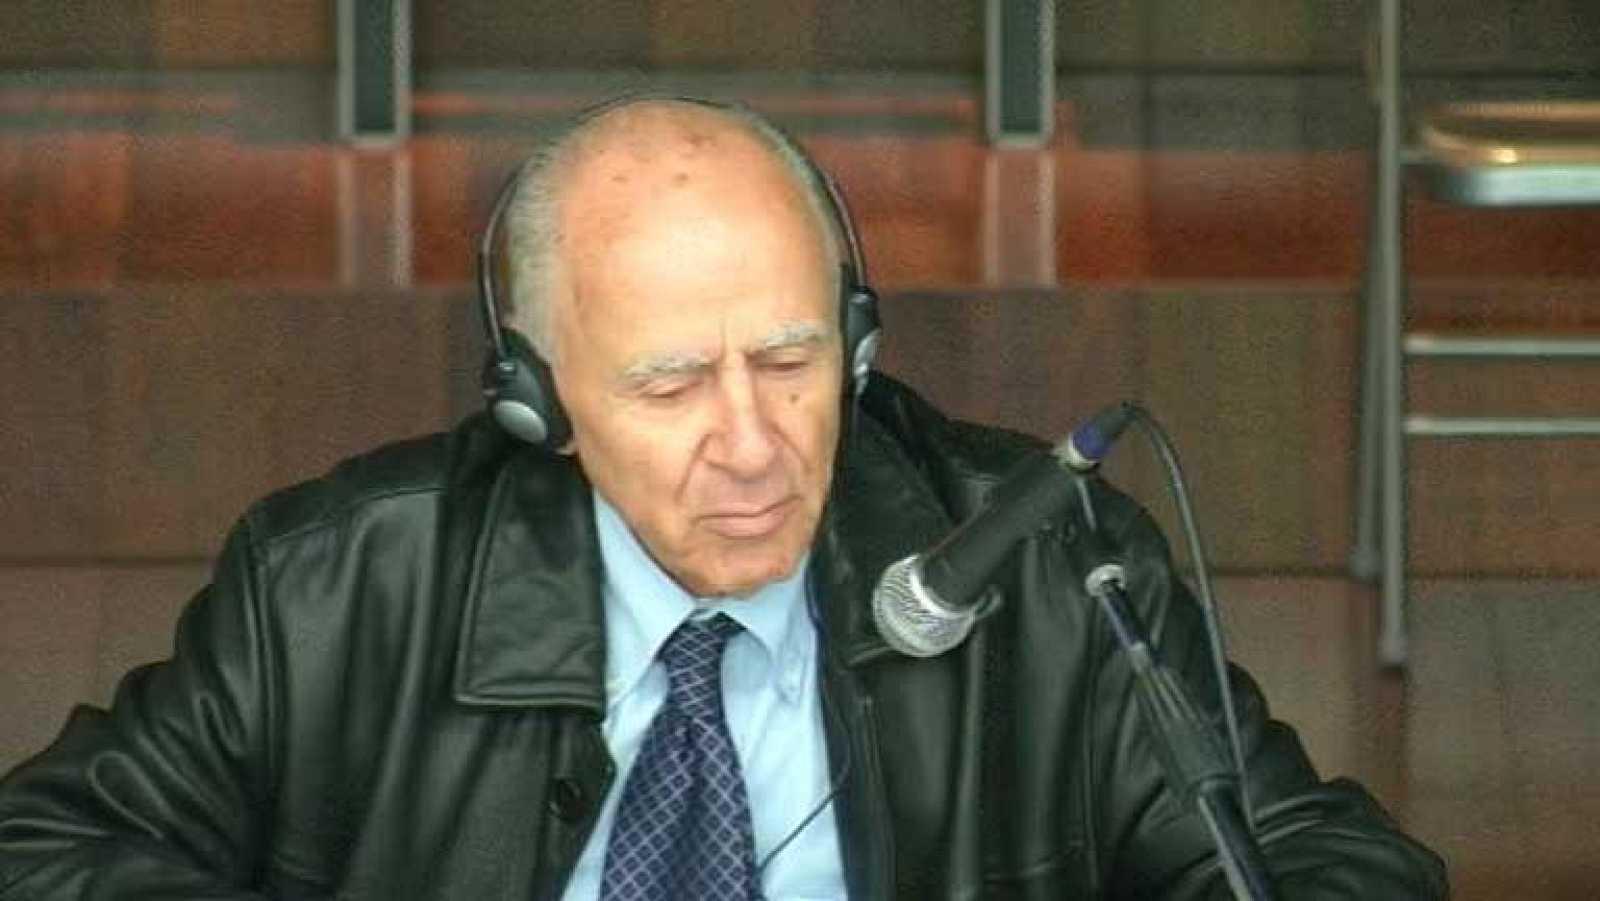 Se reanuda el juicio por el vertido del Prestige - RTVE.es